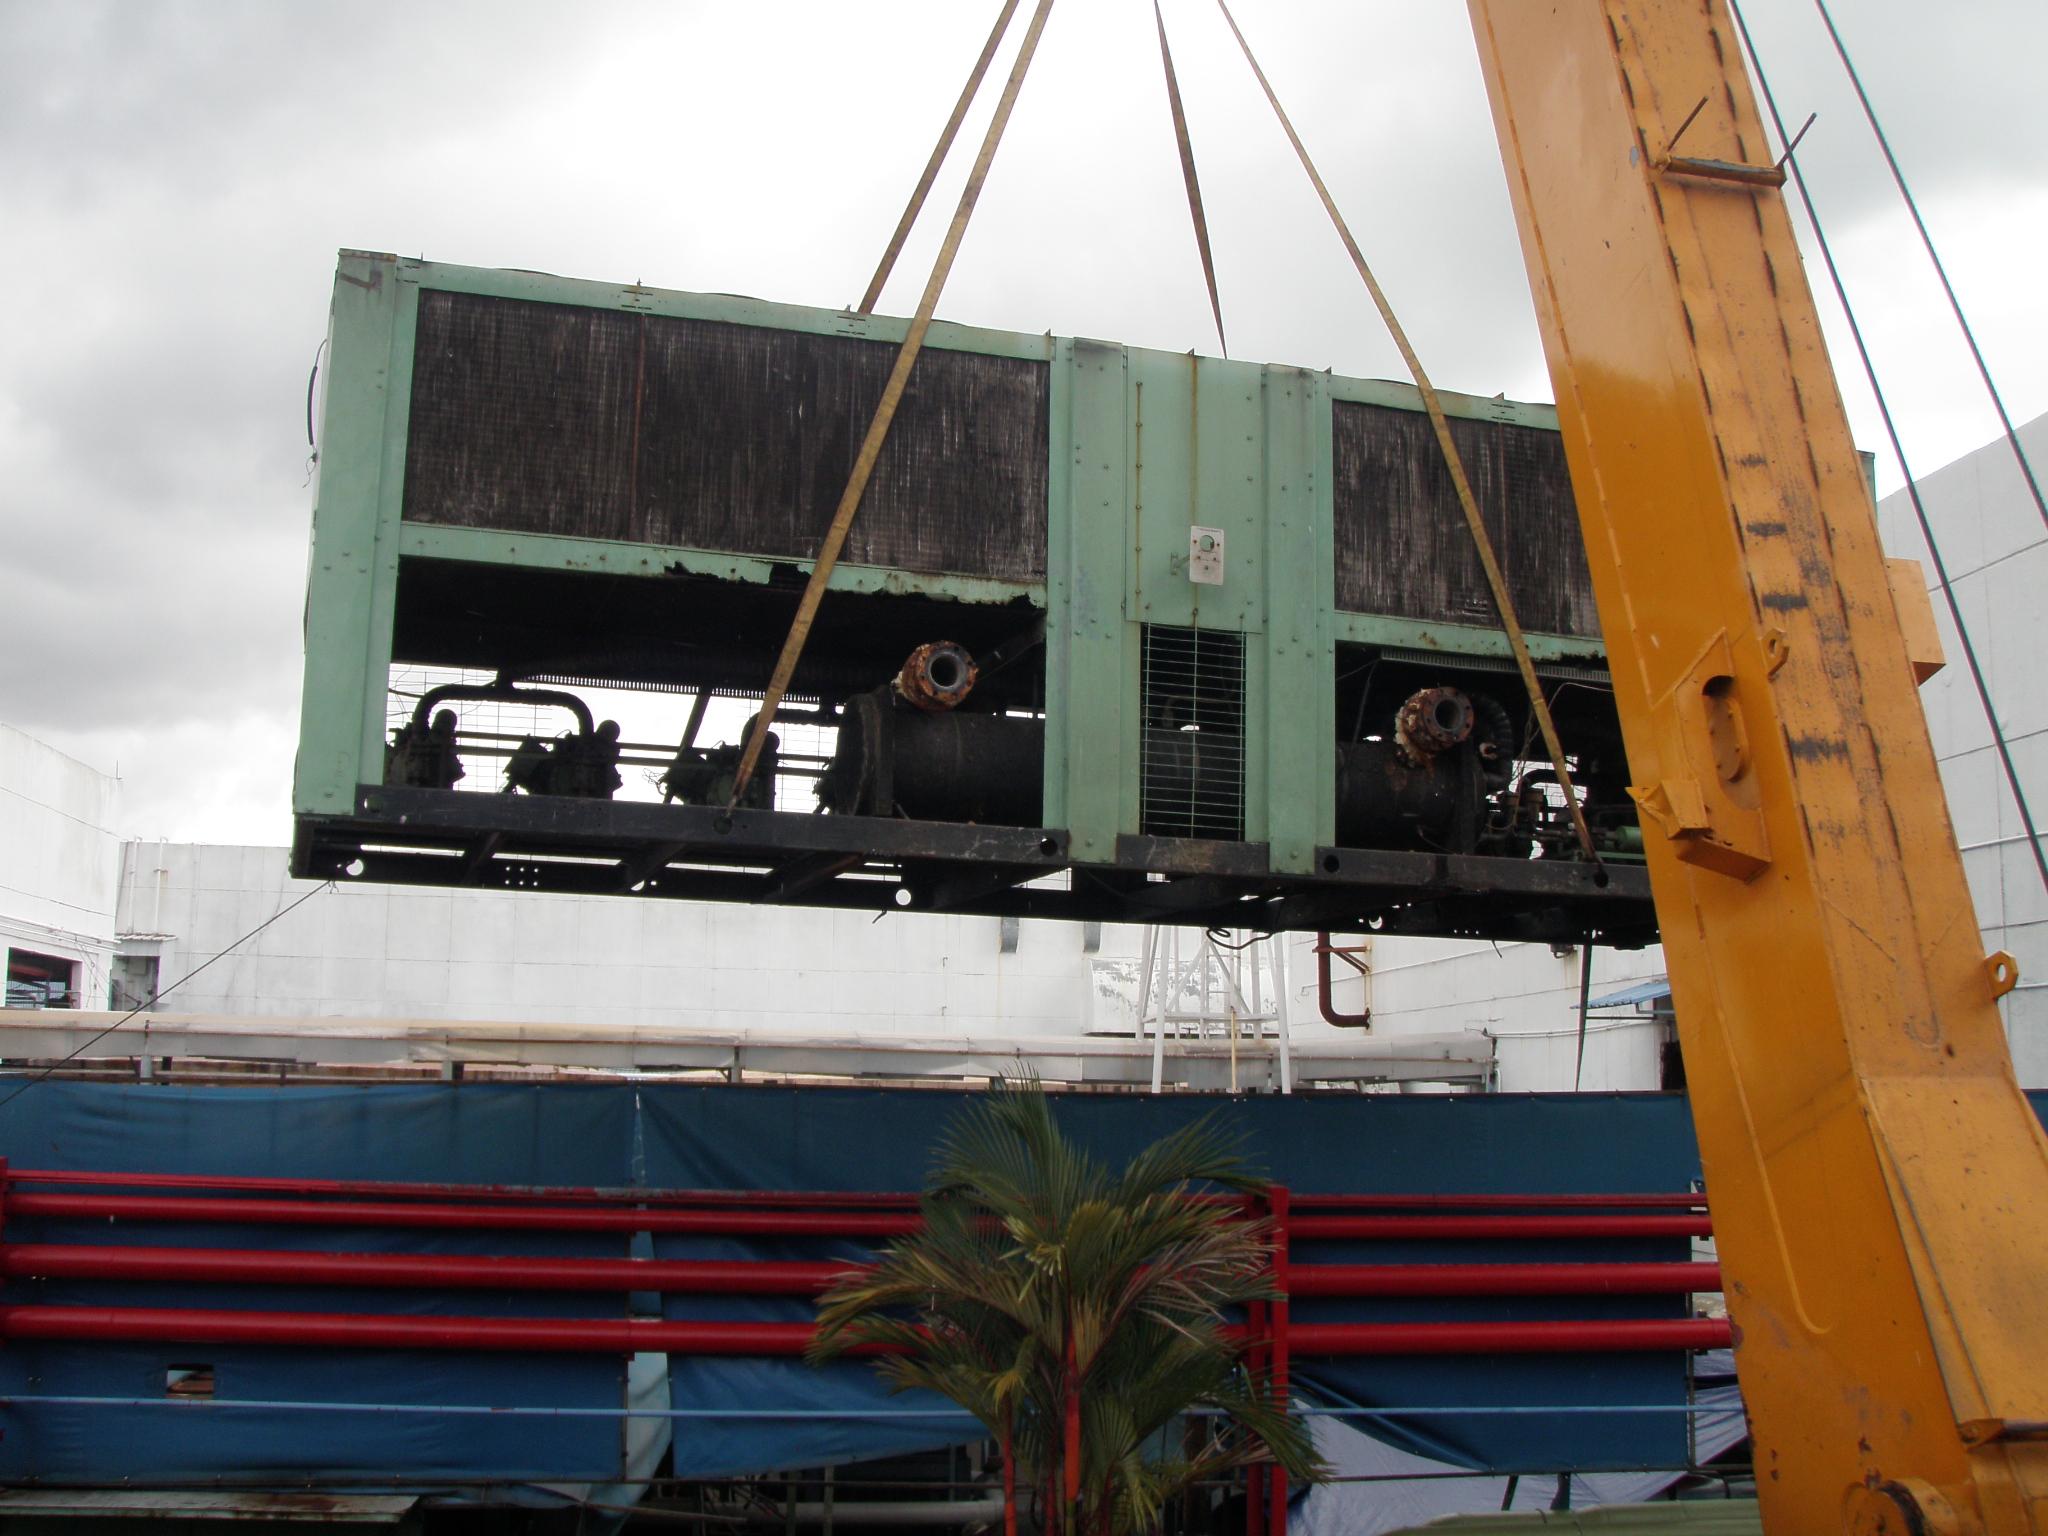 Hoisting Carrier